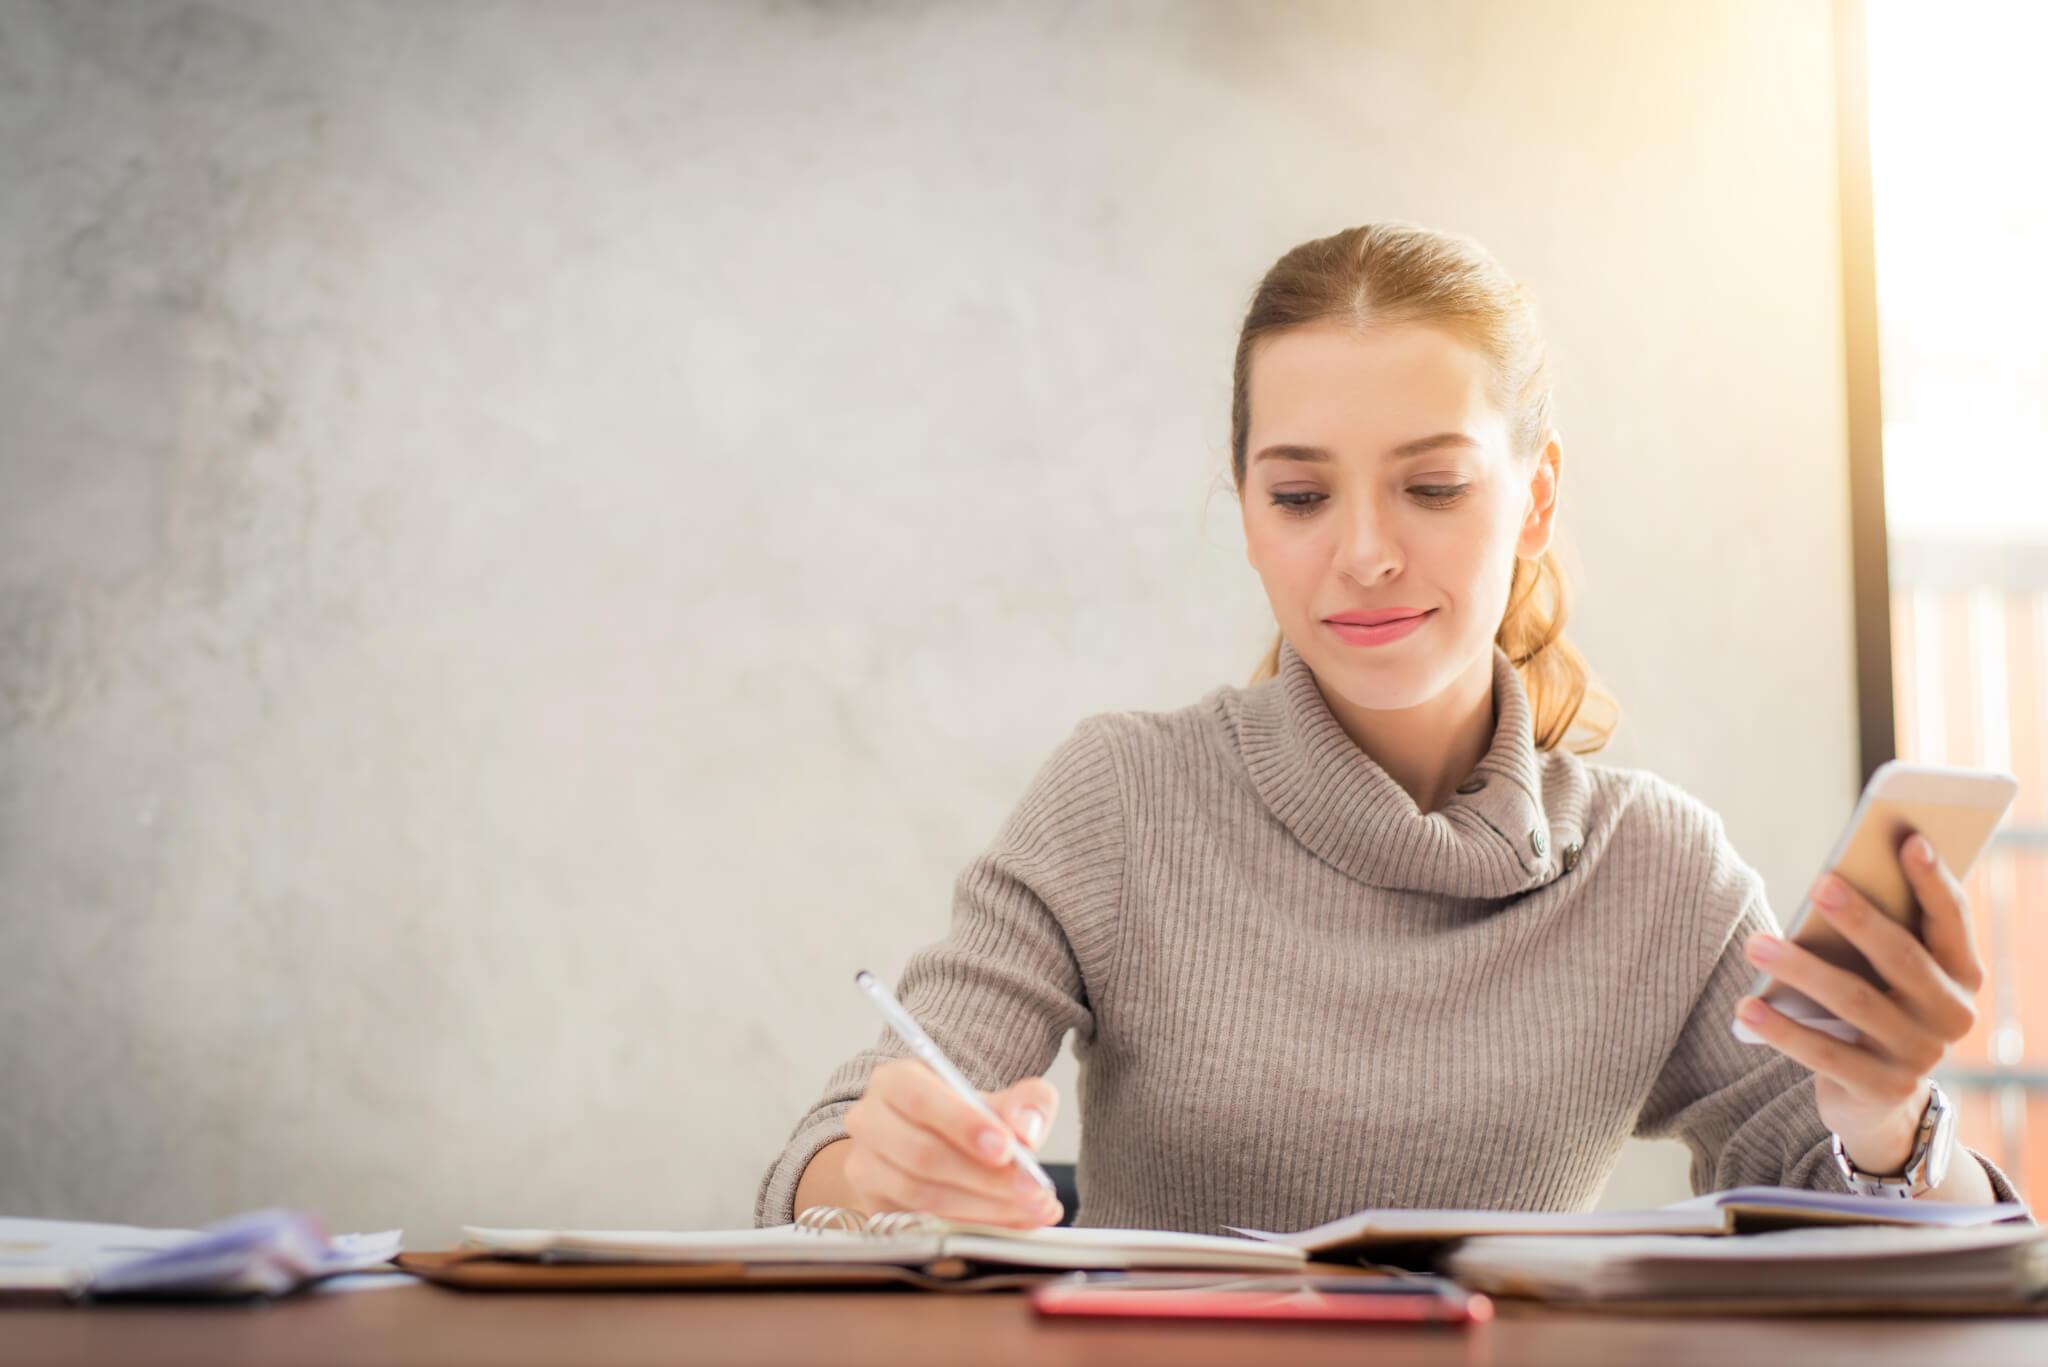 Стоит ли искать работу, чтобы совмещать с учебой